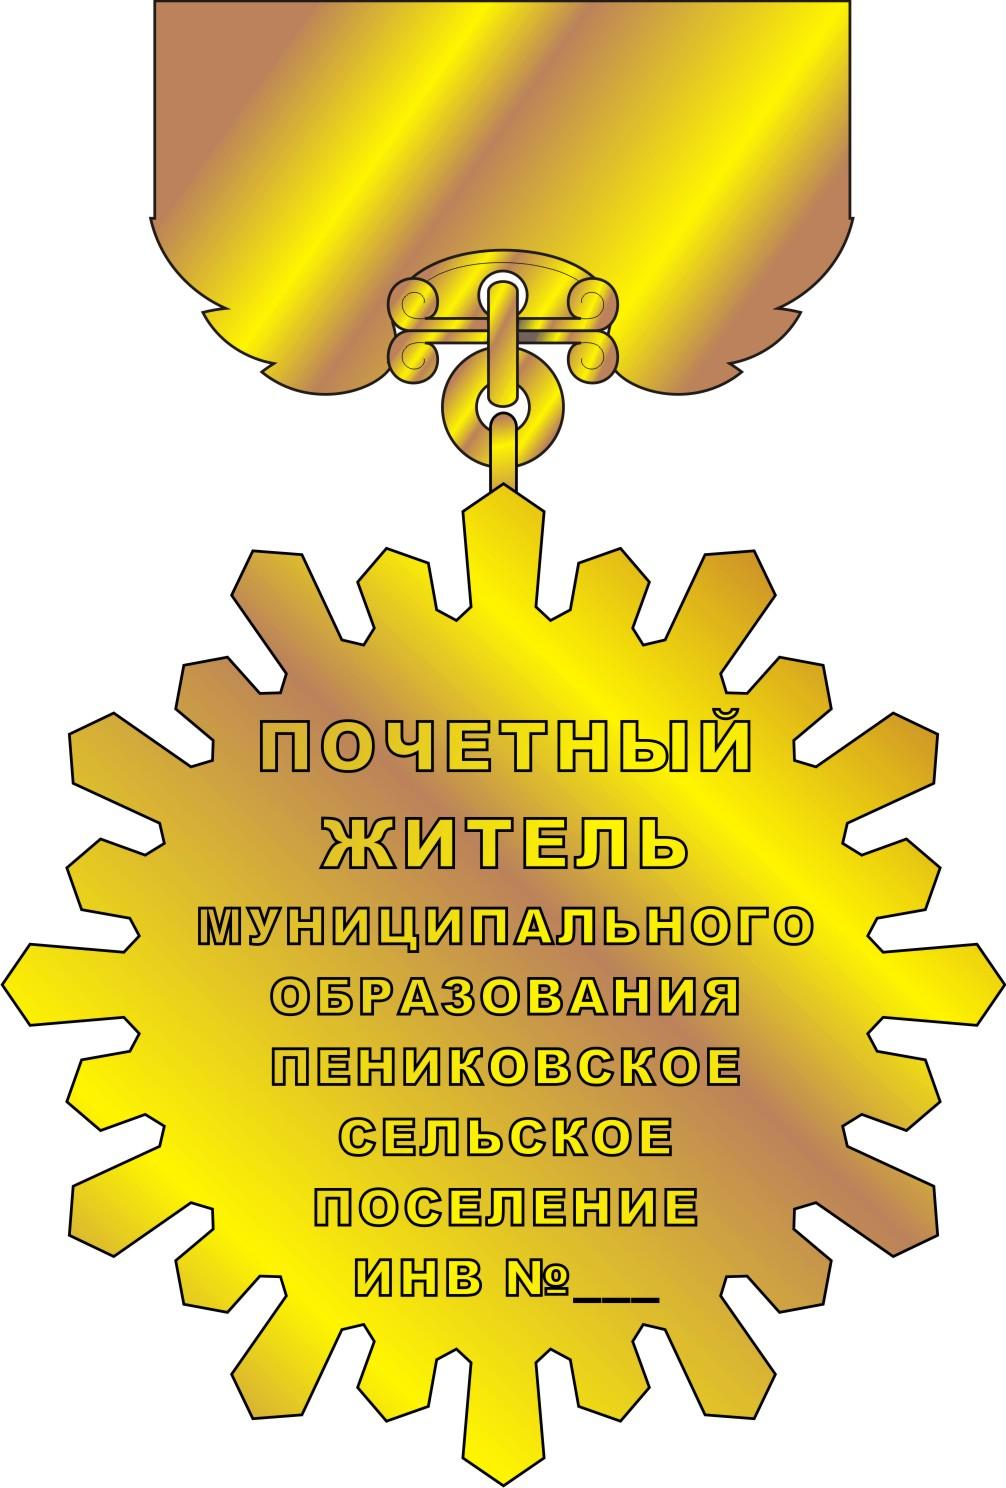 Пеники_знПЖоб